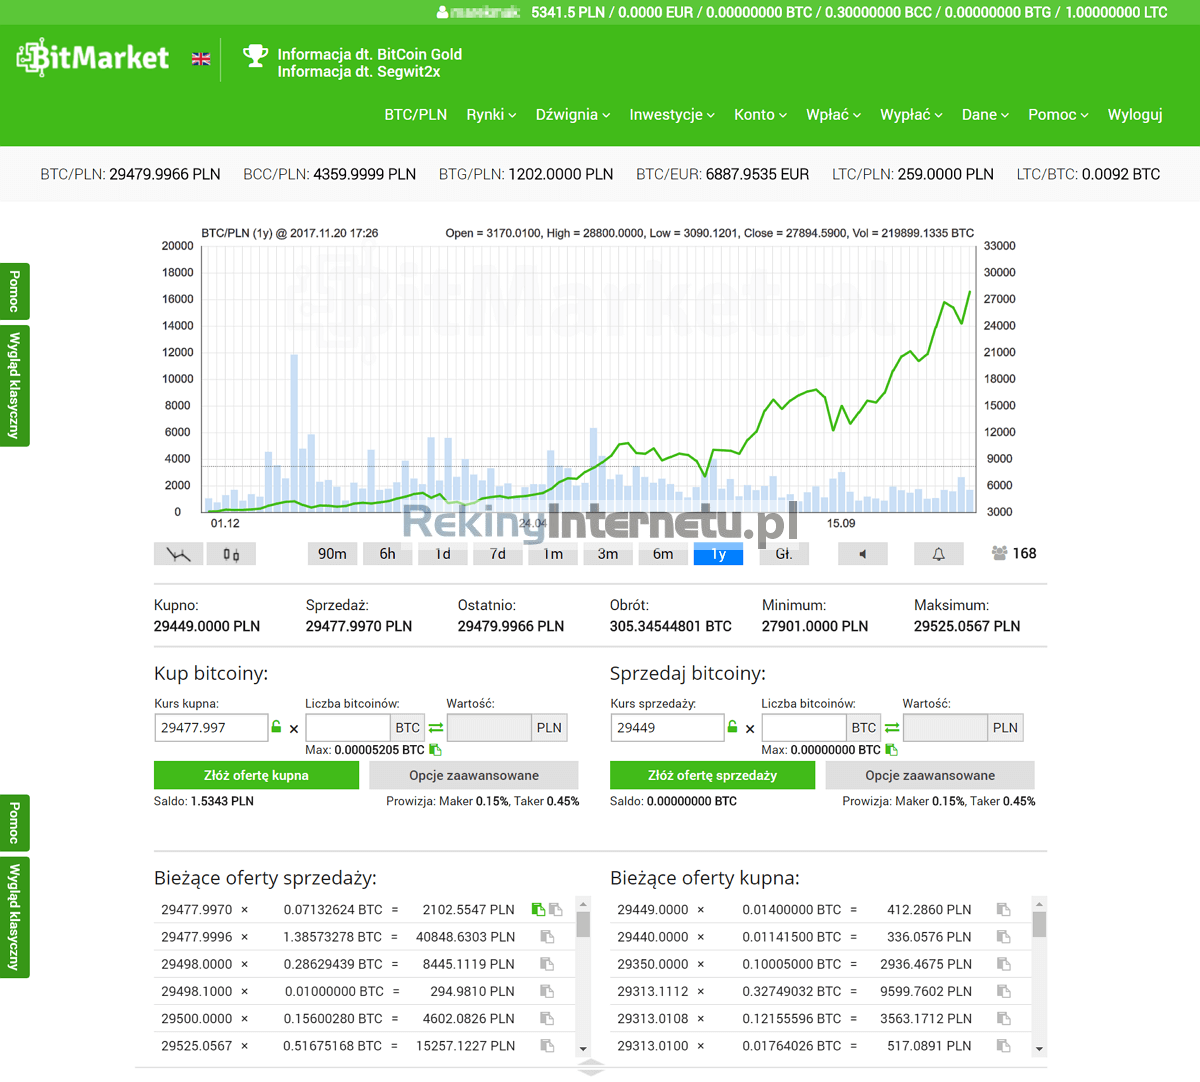 Bitmarket.pl giełda btc - wygląd platformy